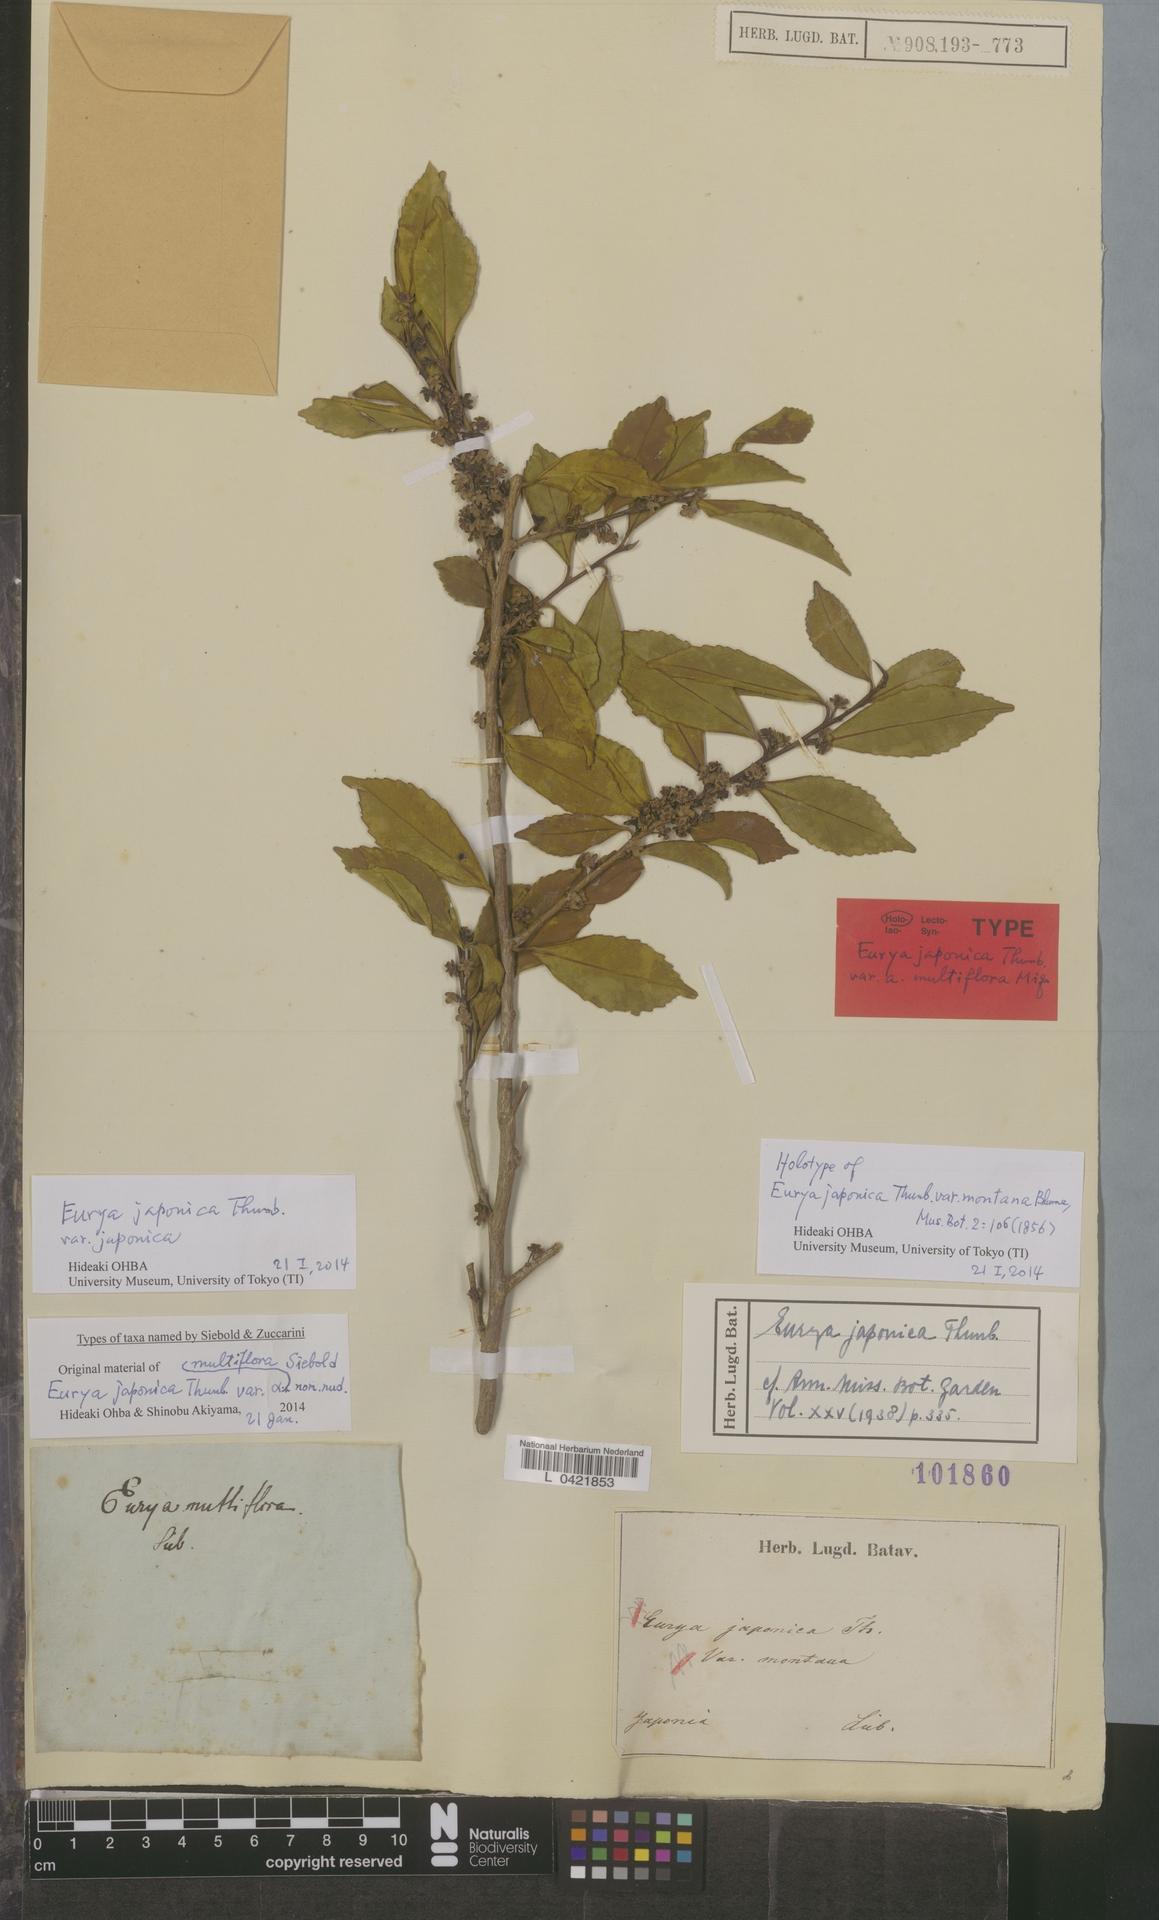 L  0421853 | Eurya japonica var. japonica Thunb.